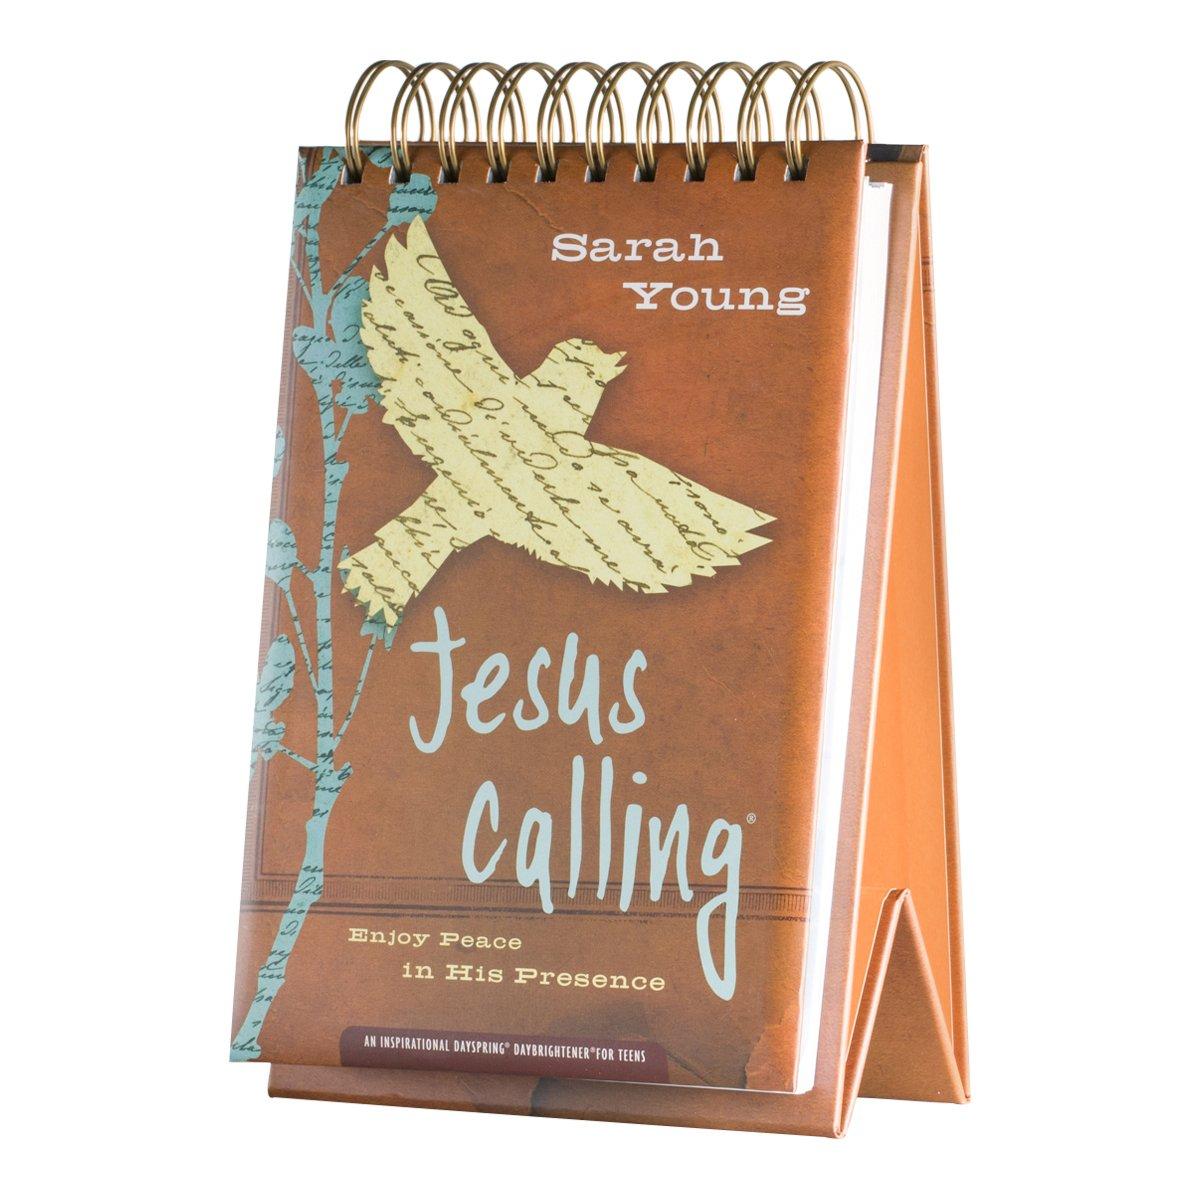 DaySpring DayBrightener Jesus Callingティーンby Sarah Young Large Daybrightener Perpetual Calendar   B00K8ULNQ2